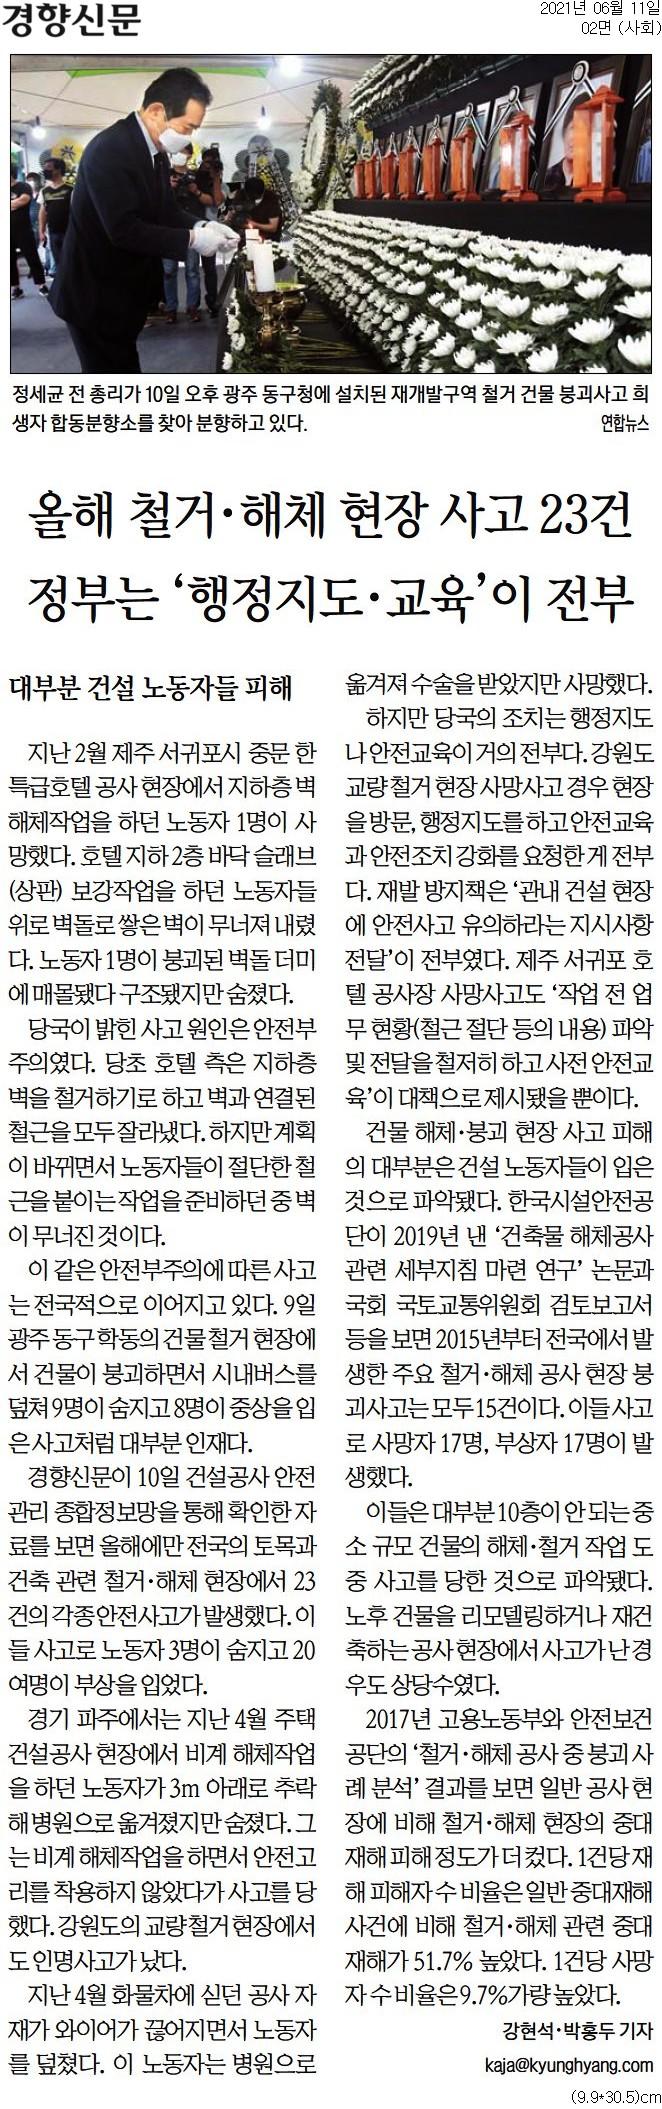 ▲11일 경향신문 1면